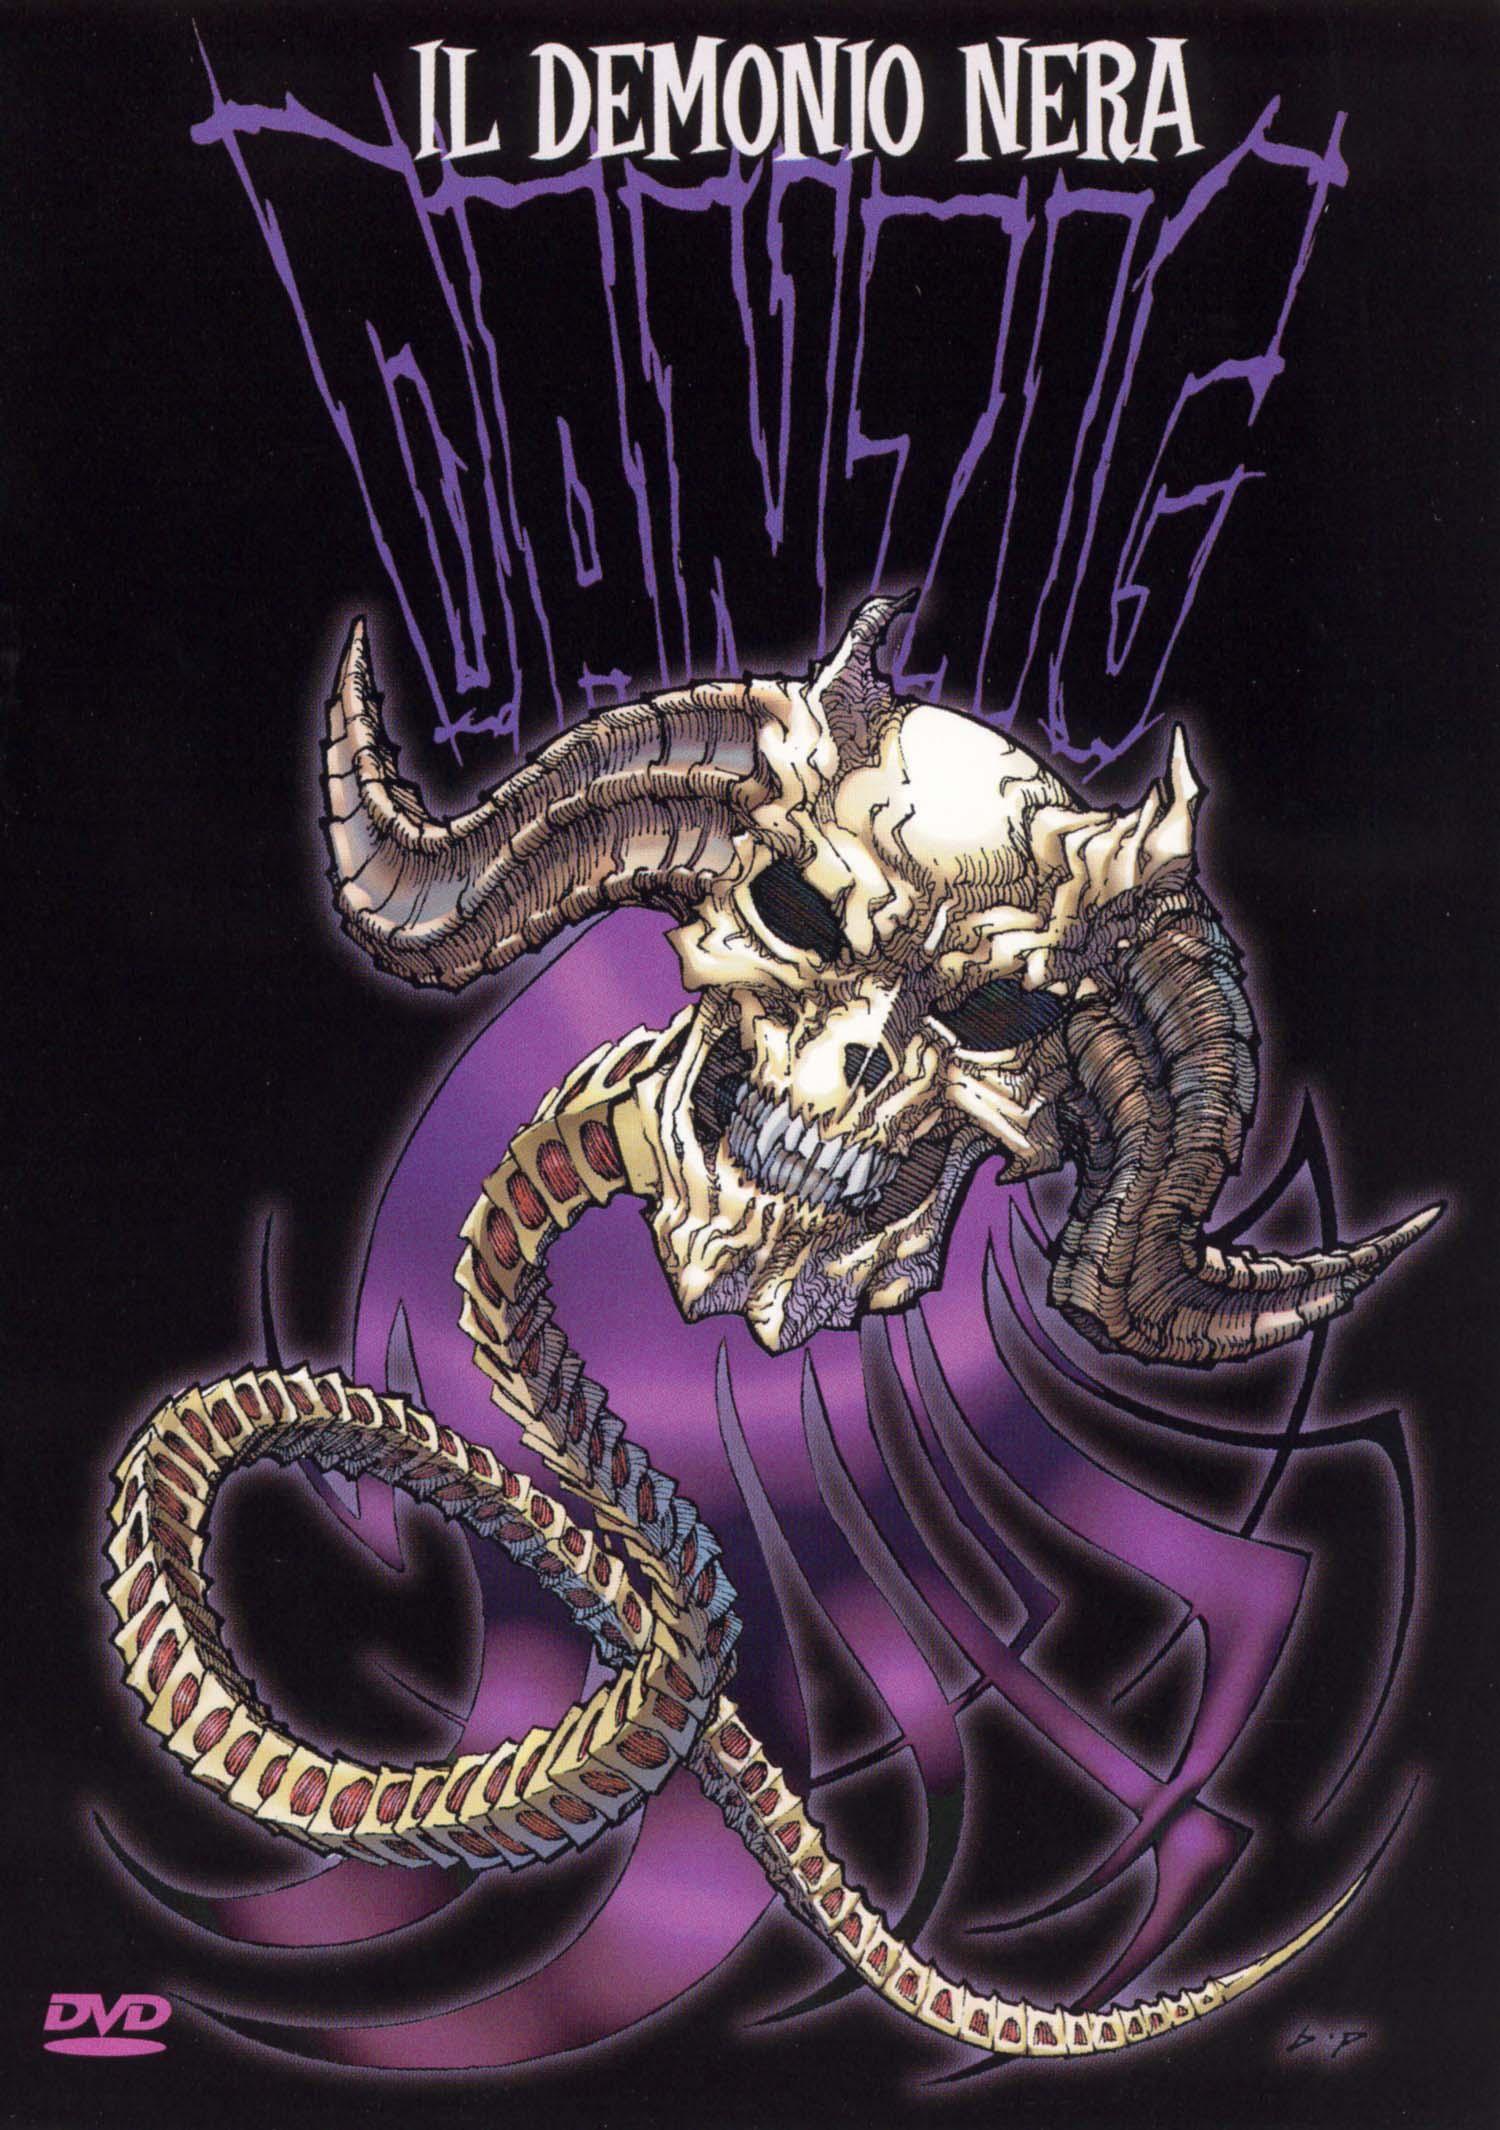 Danzig: Il Demonio Nera